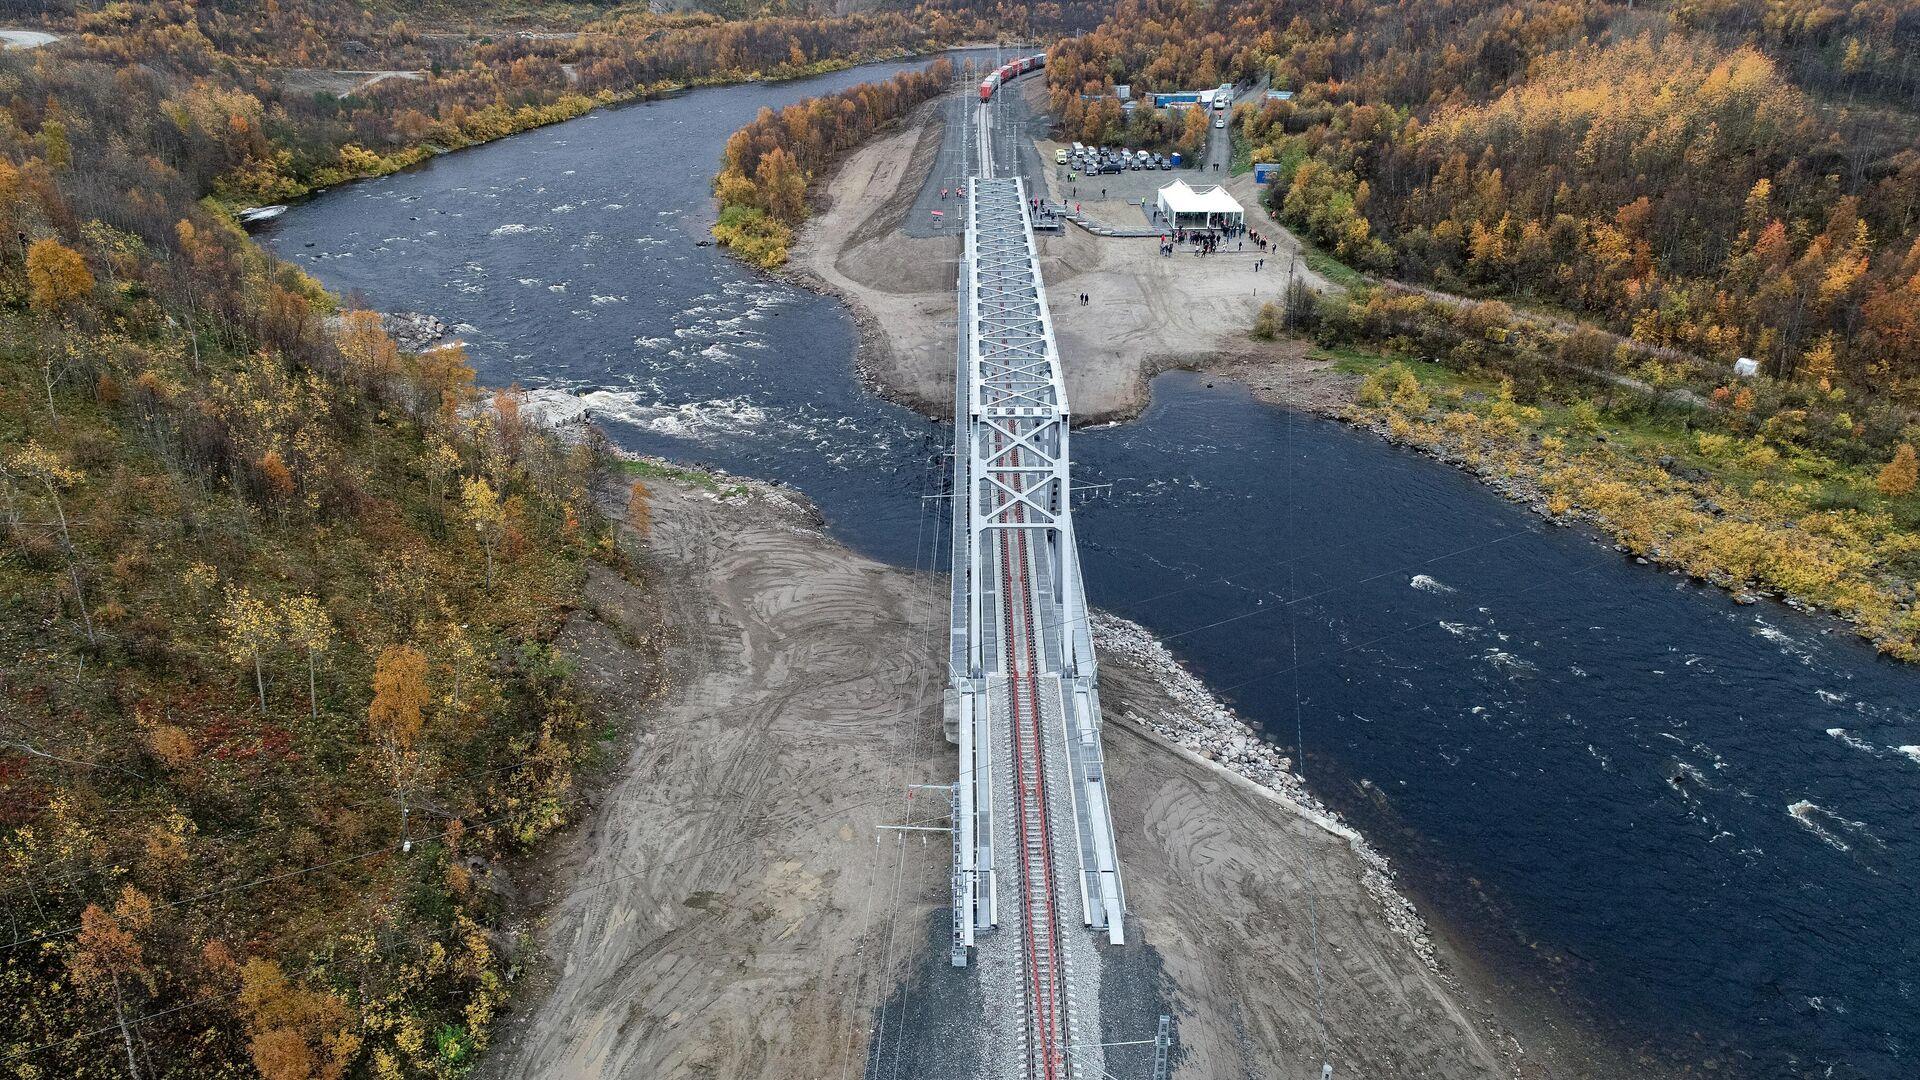 Новый железнодорожный мост через реку Кола под Мурманском - РИА Новости, 1920, 28.09.2020